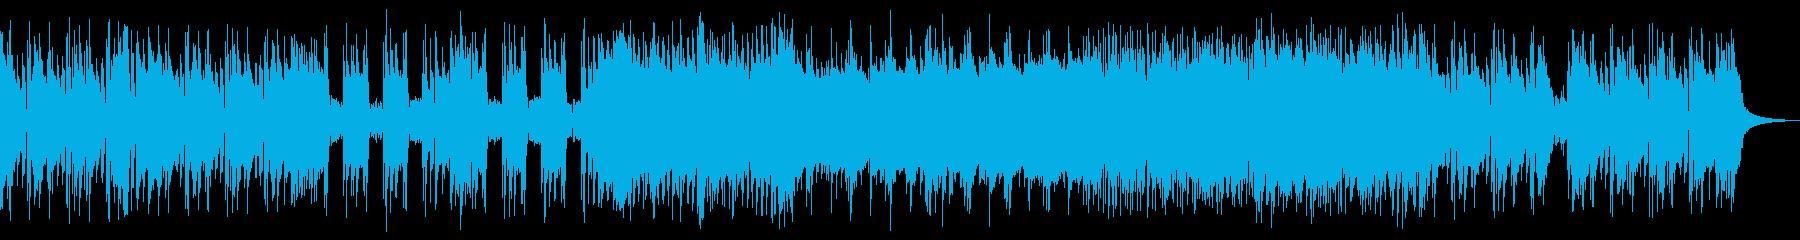 戦闘や敵の登場シーンなどで使えるBGMの再生済みの波形